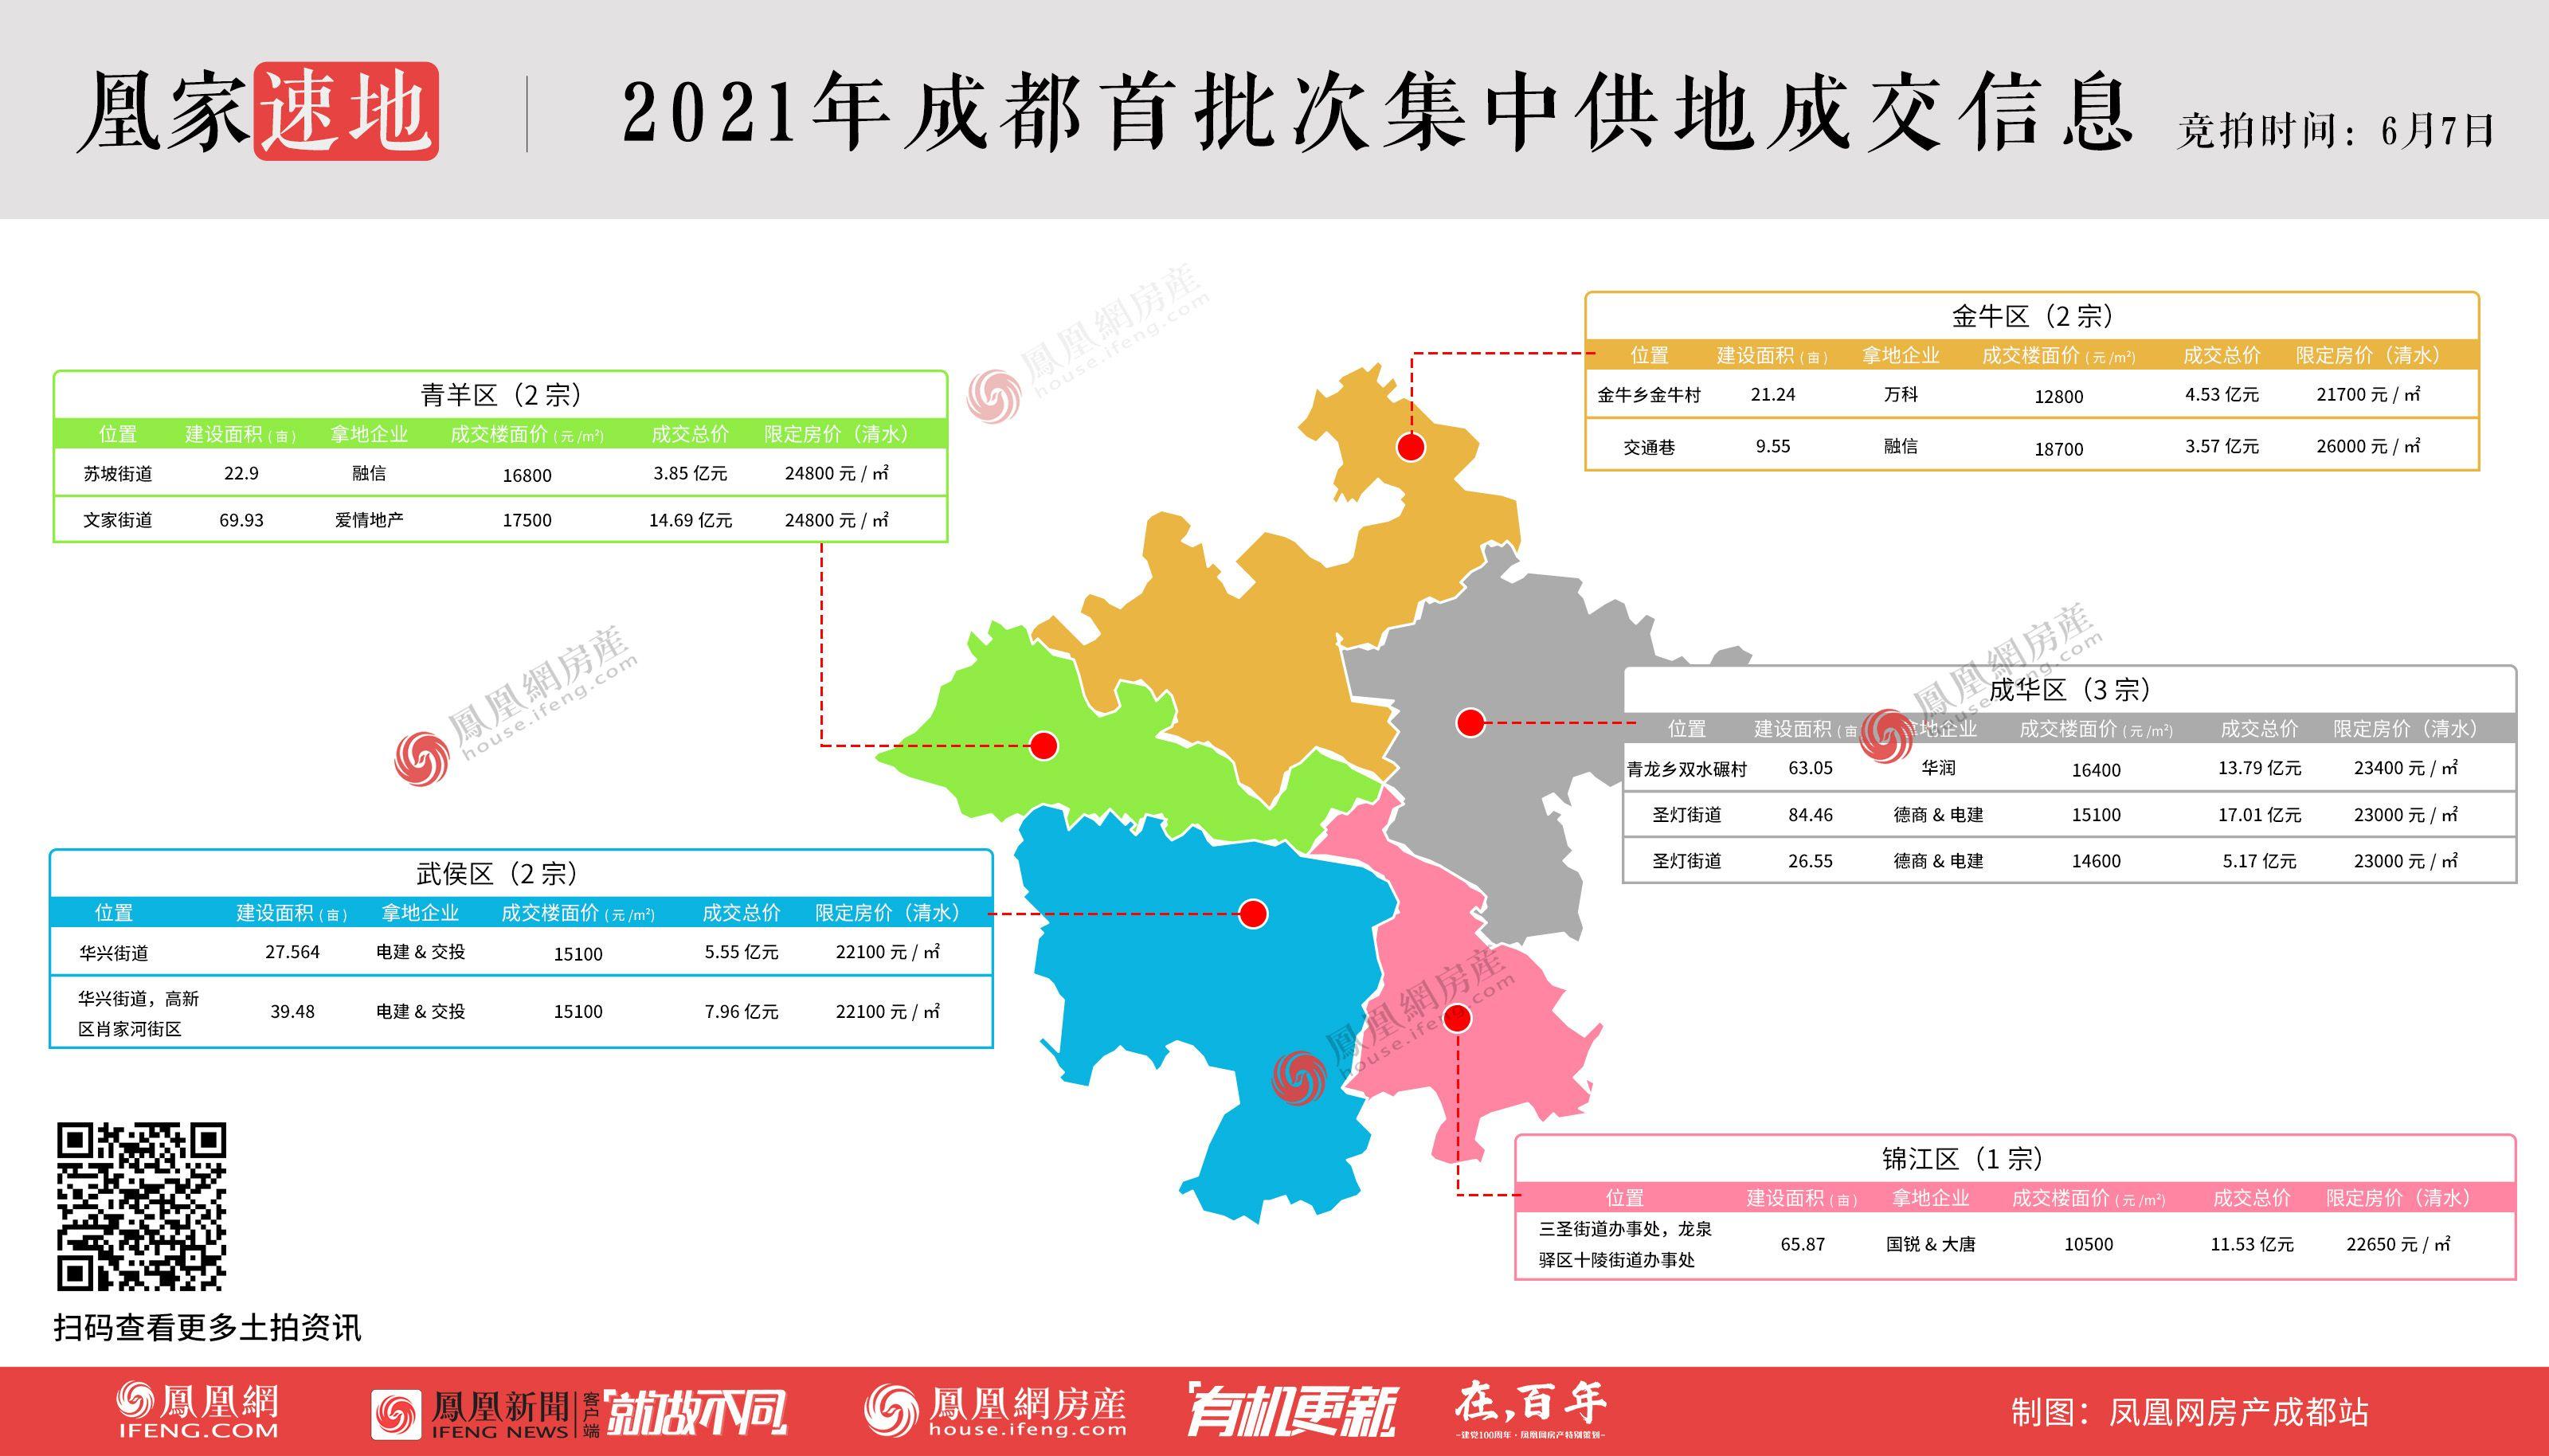 【成都】首批集中供地揽金355亿元